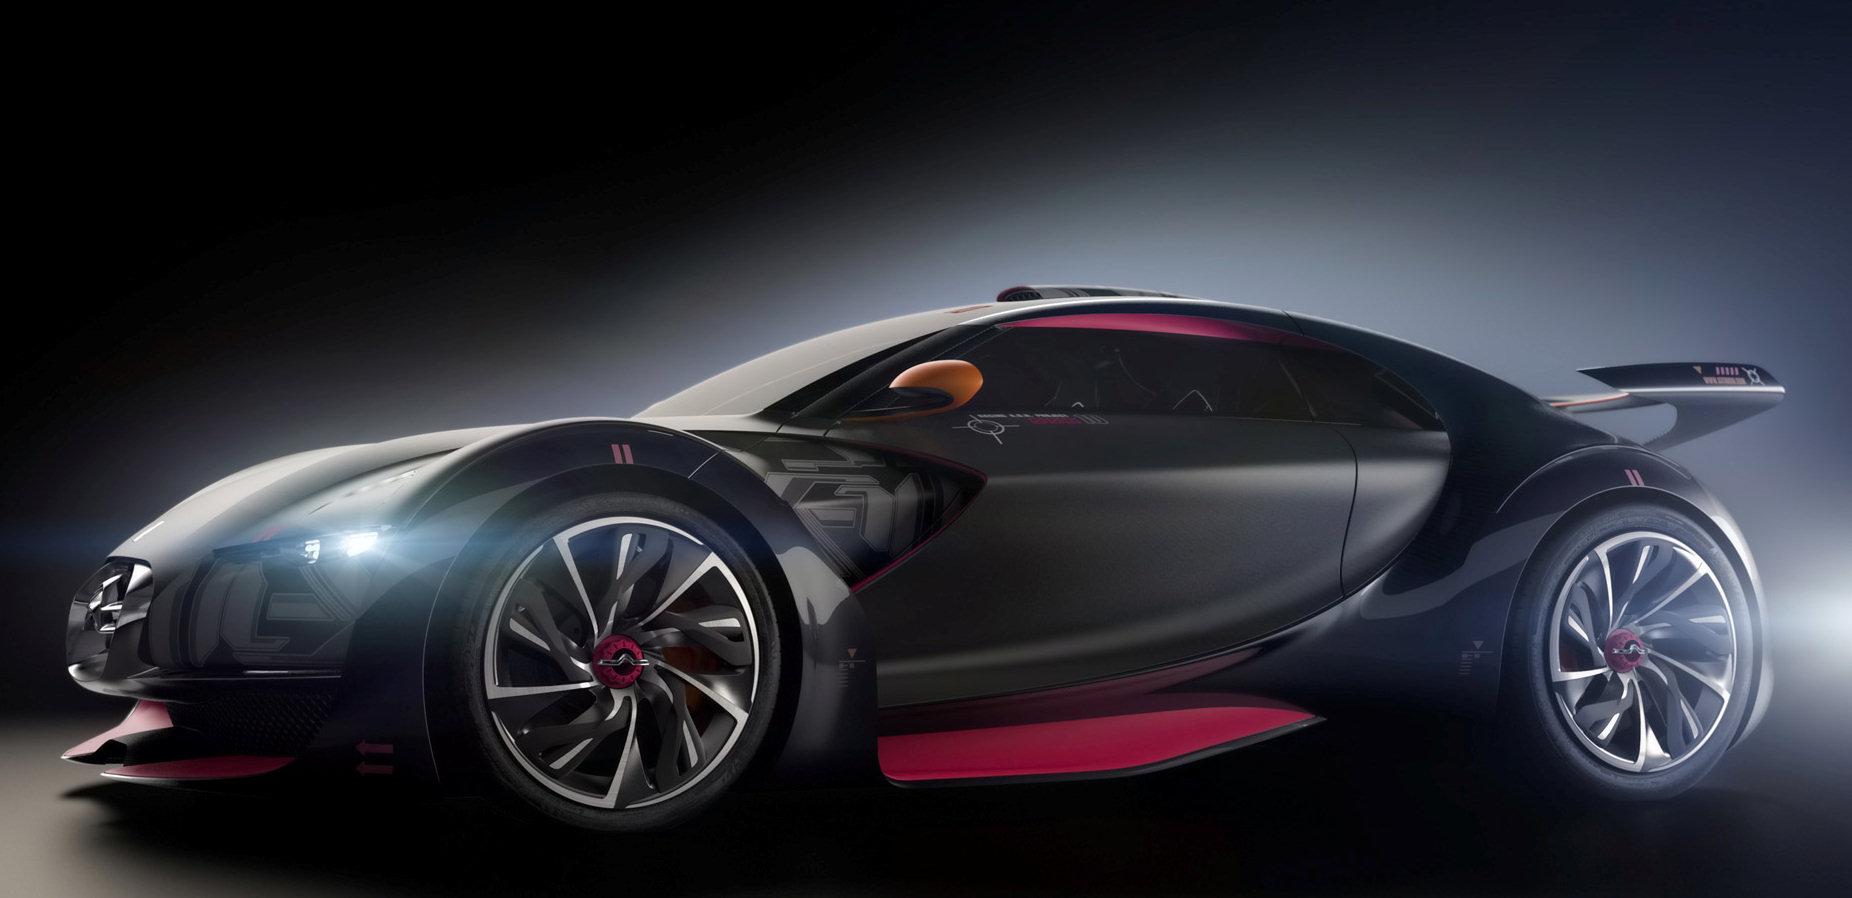 Présentation du concept car Citroën Survolt. Un concept électrique dérivé de la GTbyCitroën. Une sportivité exacerbée pour zéro émissions de CO2..